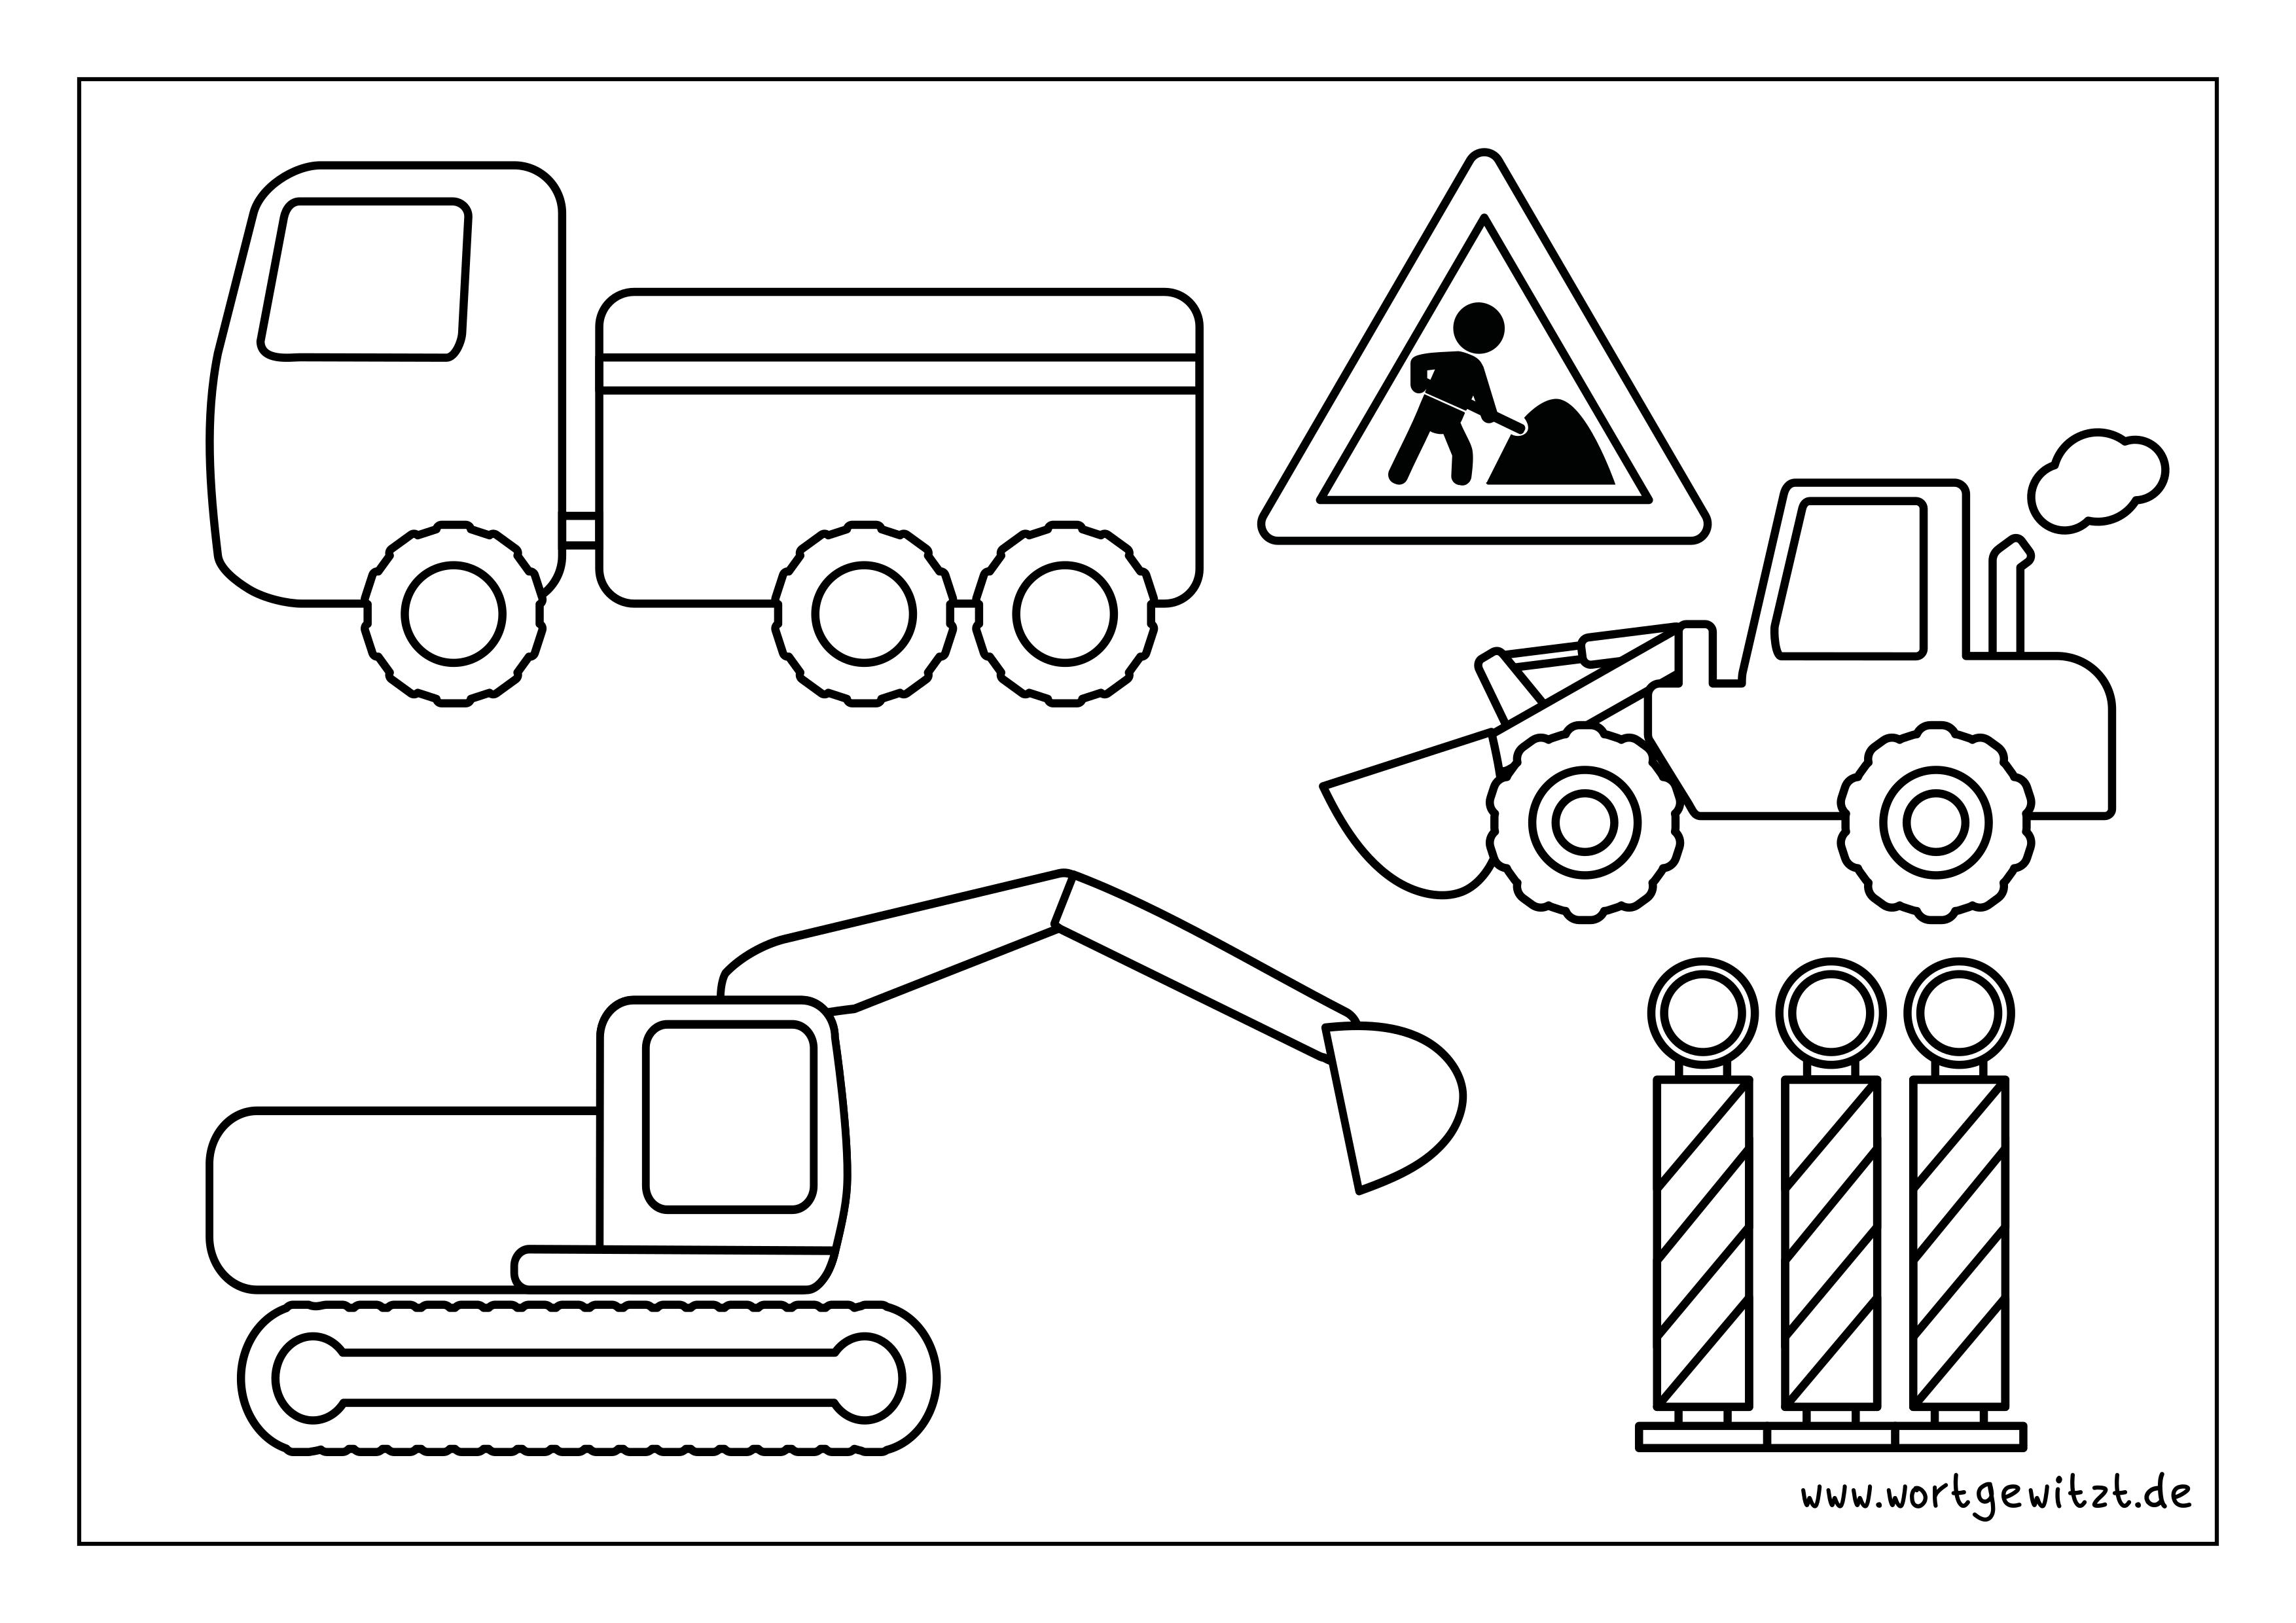 Ausmalbild Baustellenfahrzeuge Ausmalbilder Zum Ausdrucken Ausmalen Ausmalbild